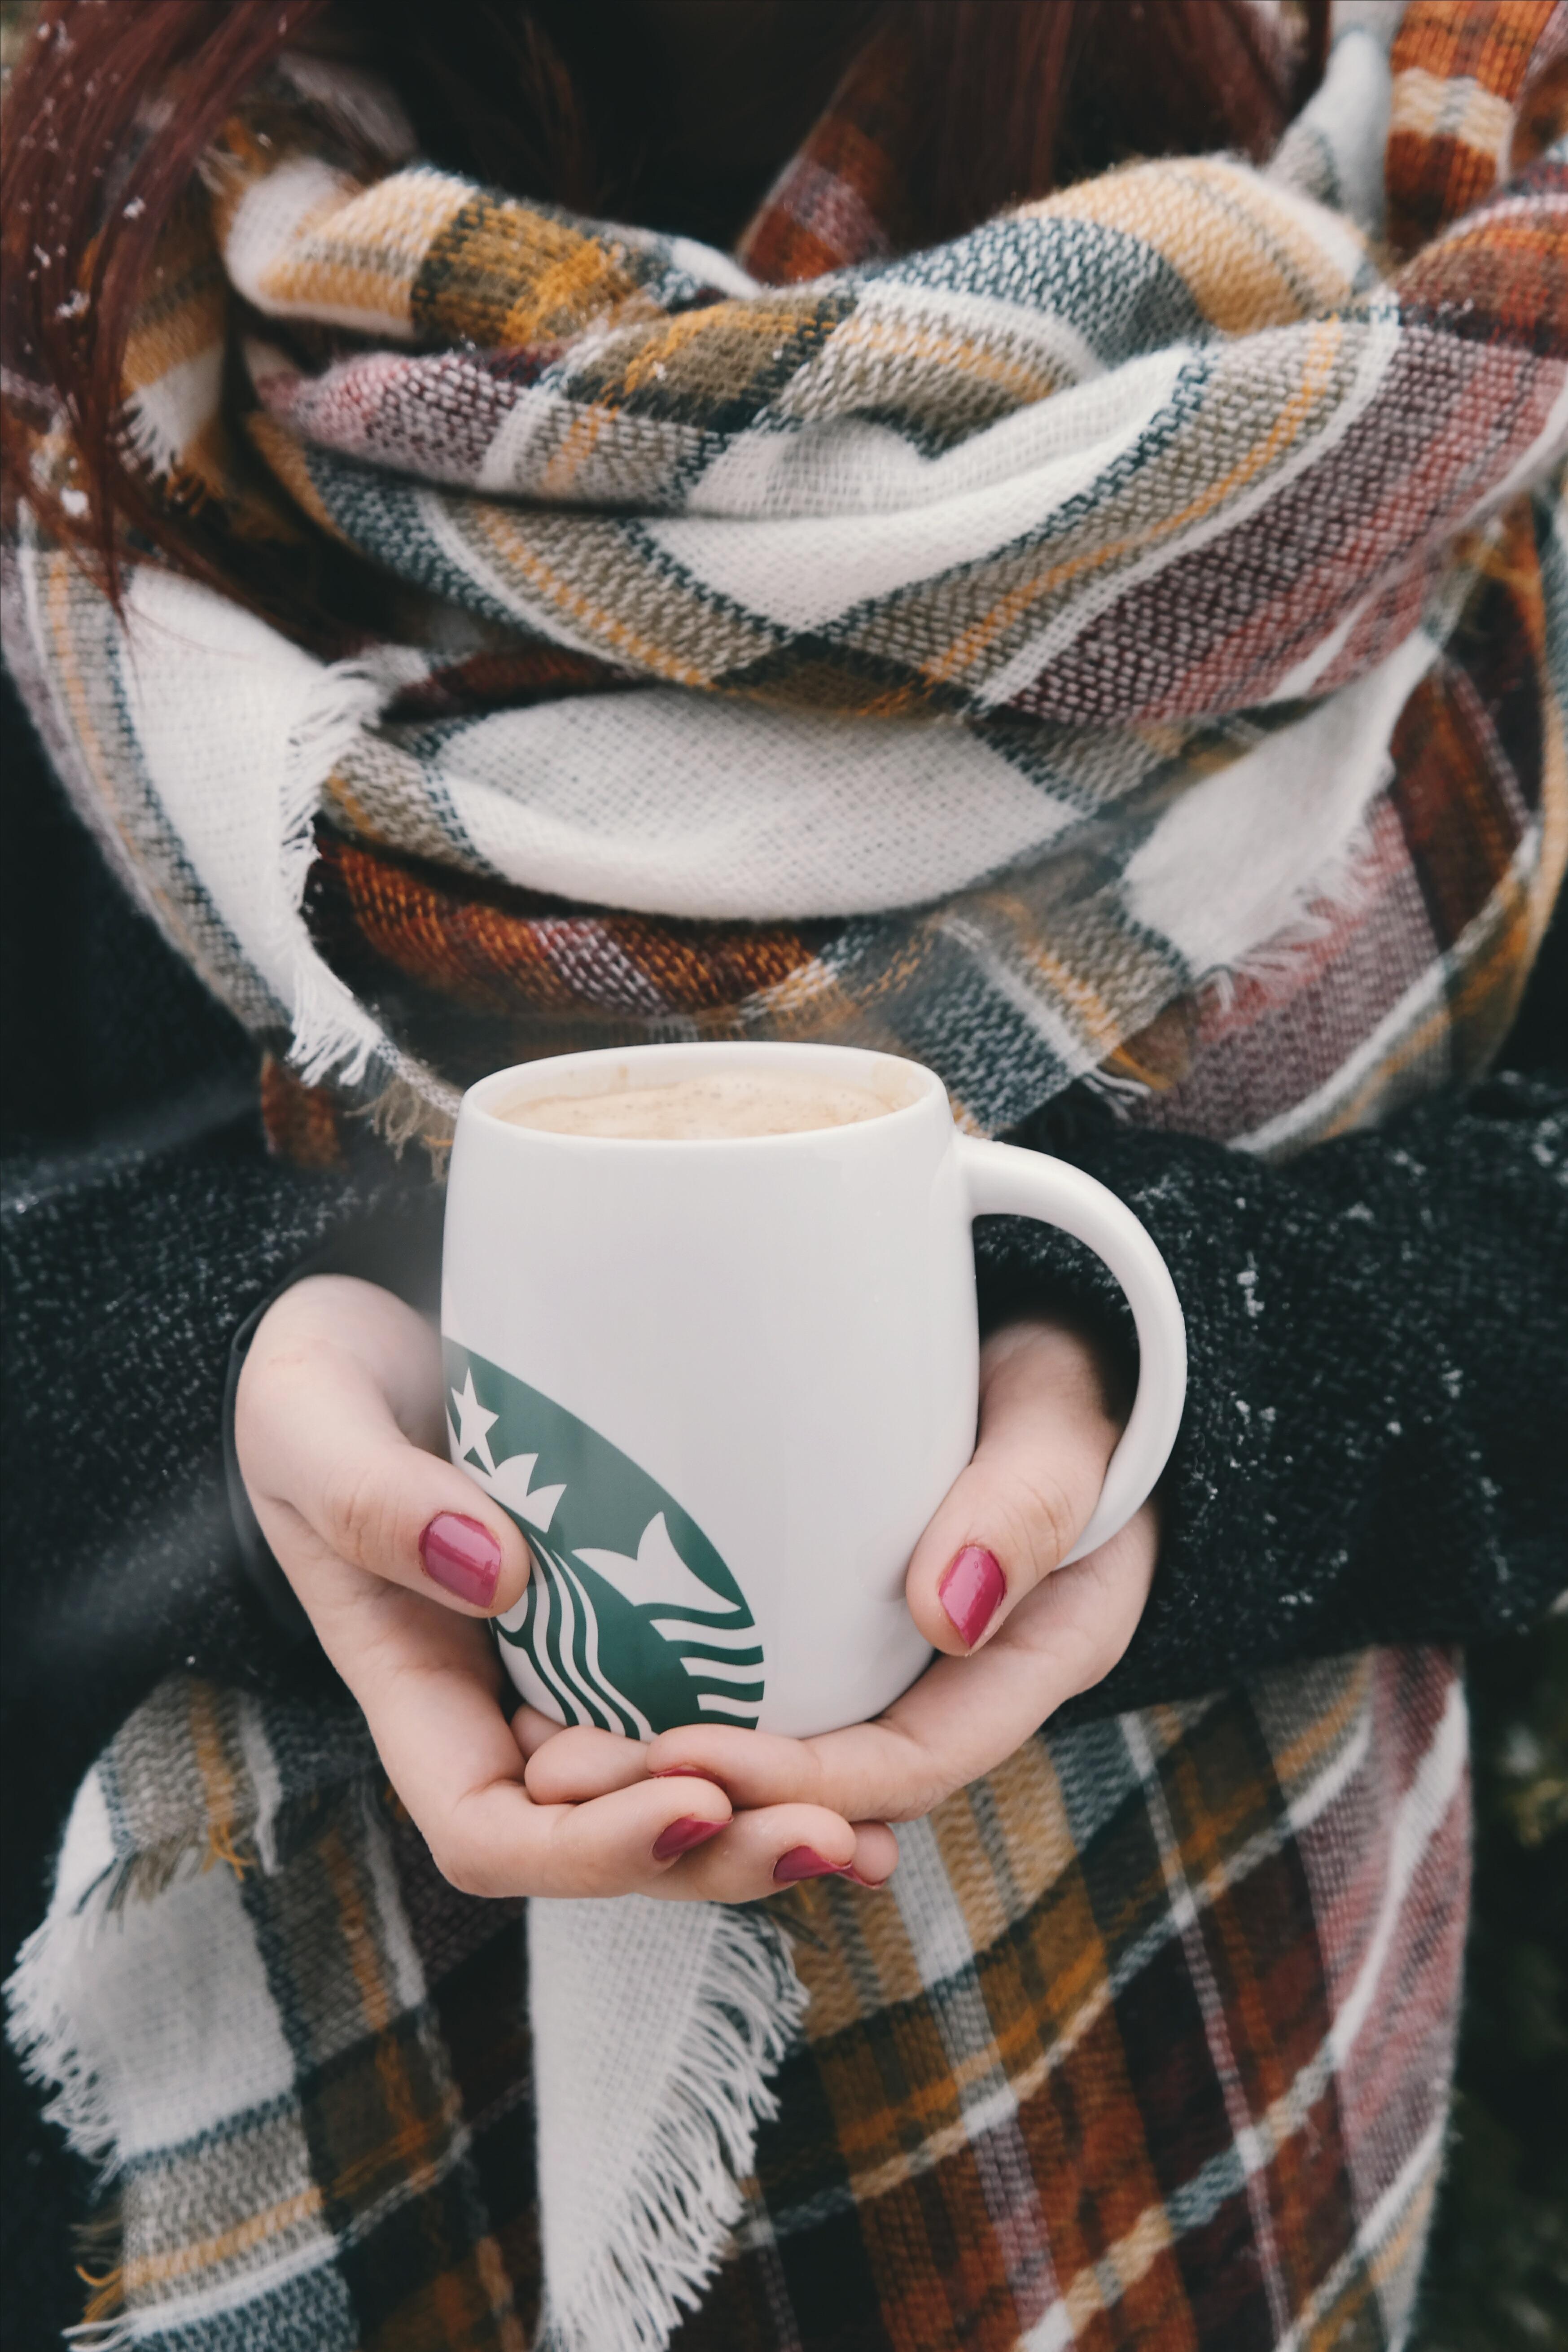 Fotos gratis : mano, invierno, café, patrón, primavera, ropa, tartán ...